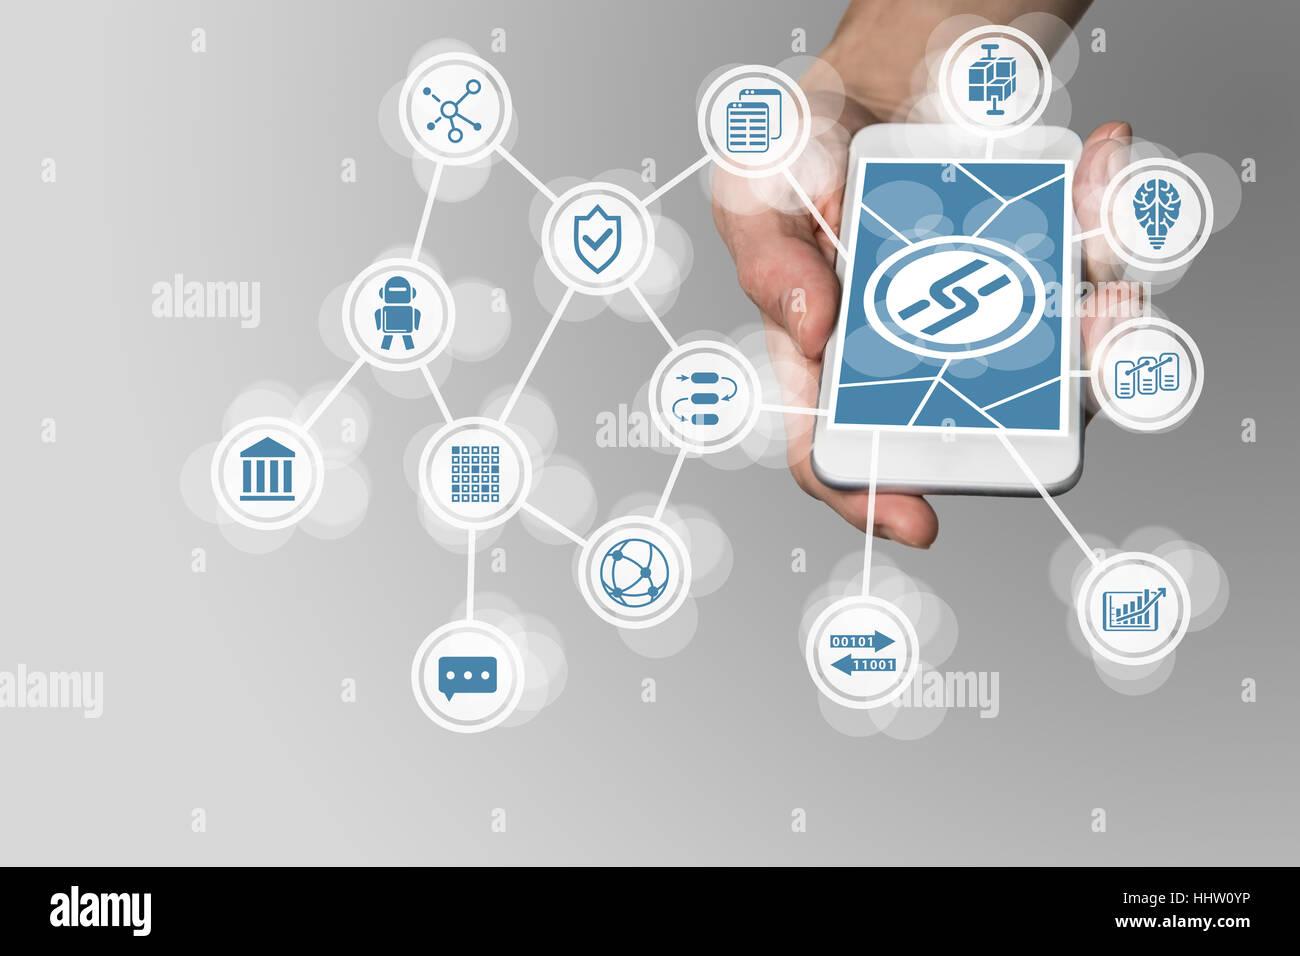 Concepto Blockchain con mano sujetando el teléfono inteligente moderno como ejemplo para fin tecnología Foto de stock